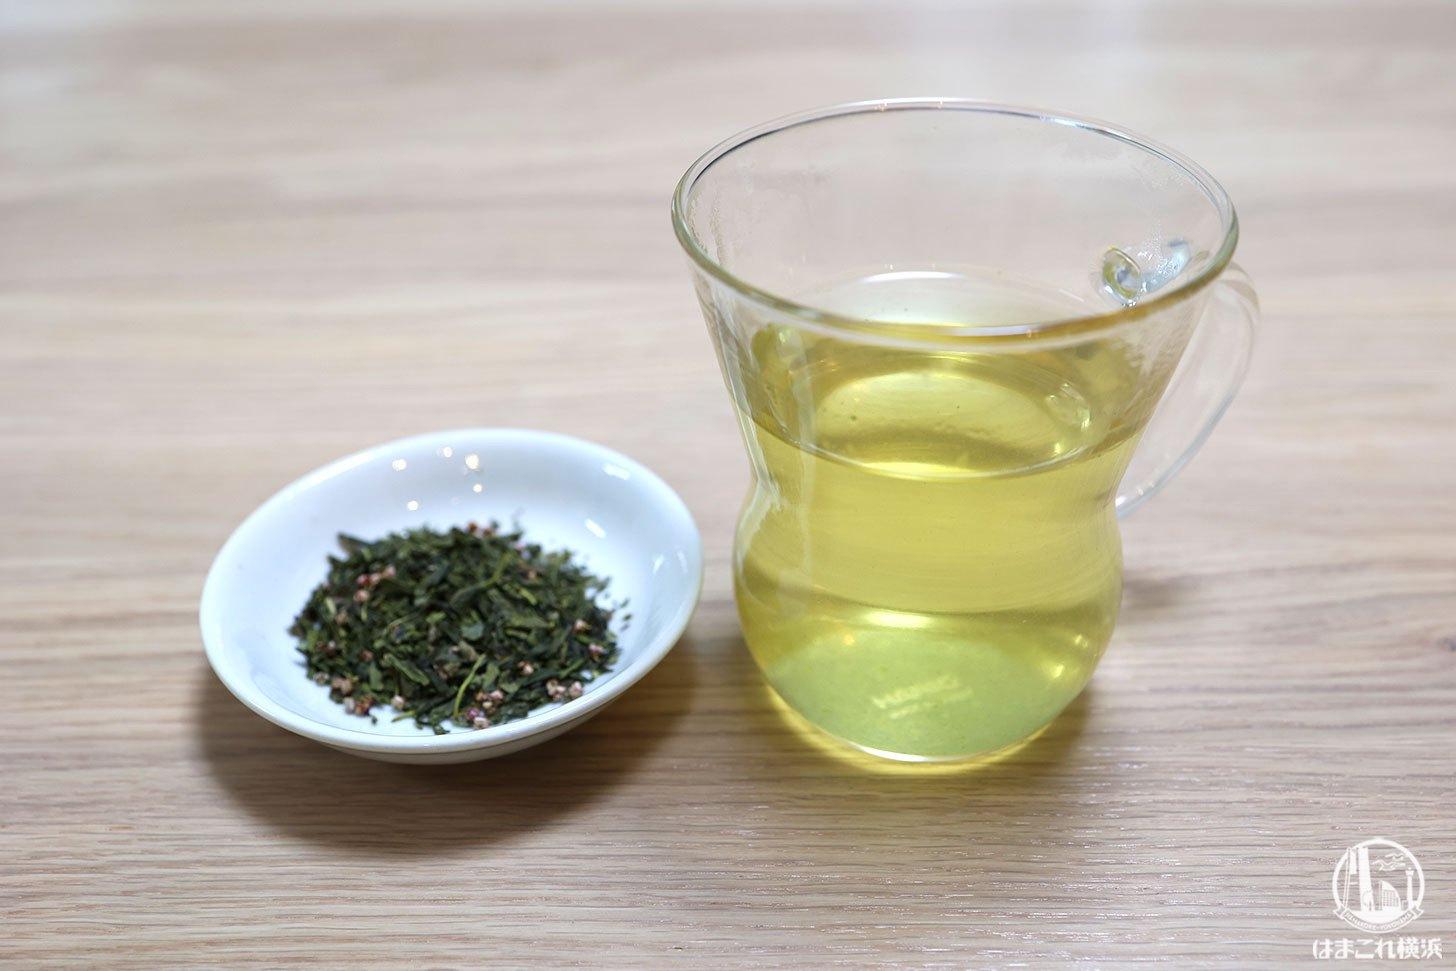 購入した白桃の甘酸っぱい香りとまろやかな緑茶の味わい